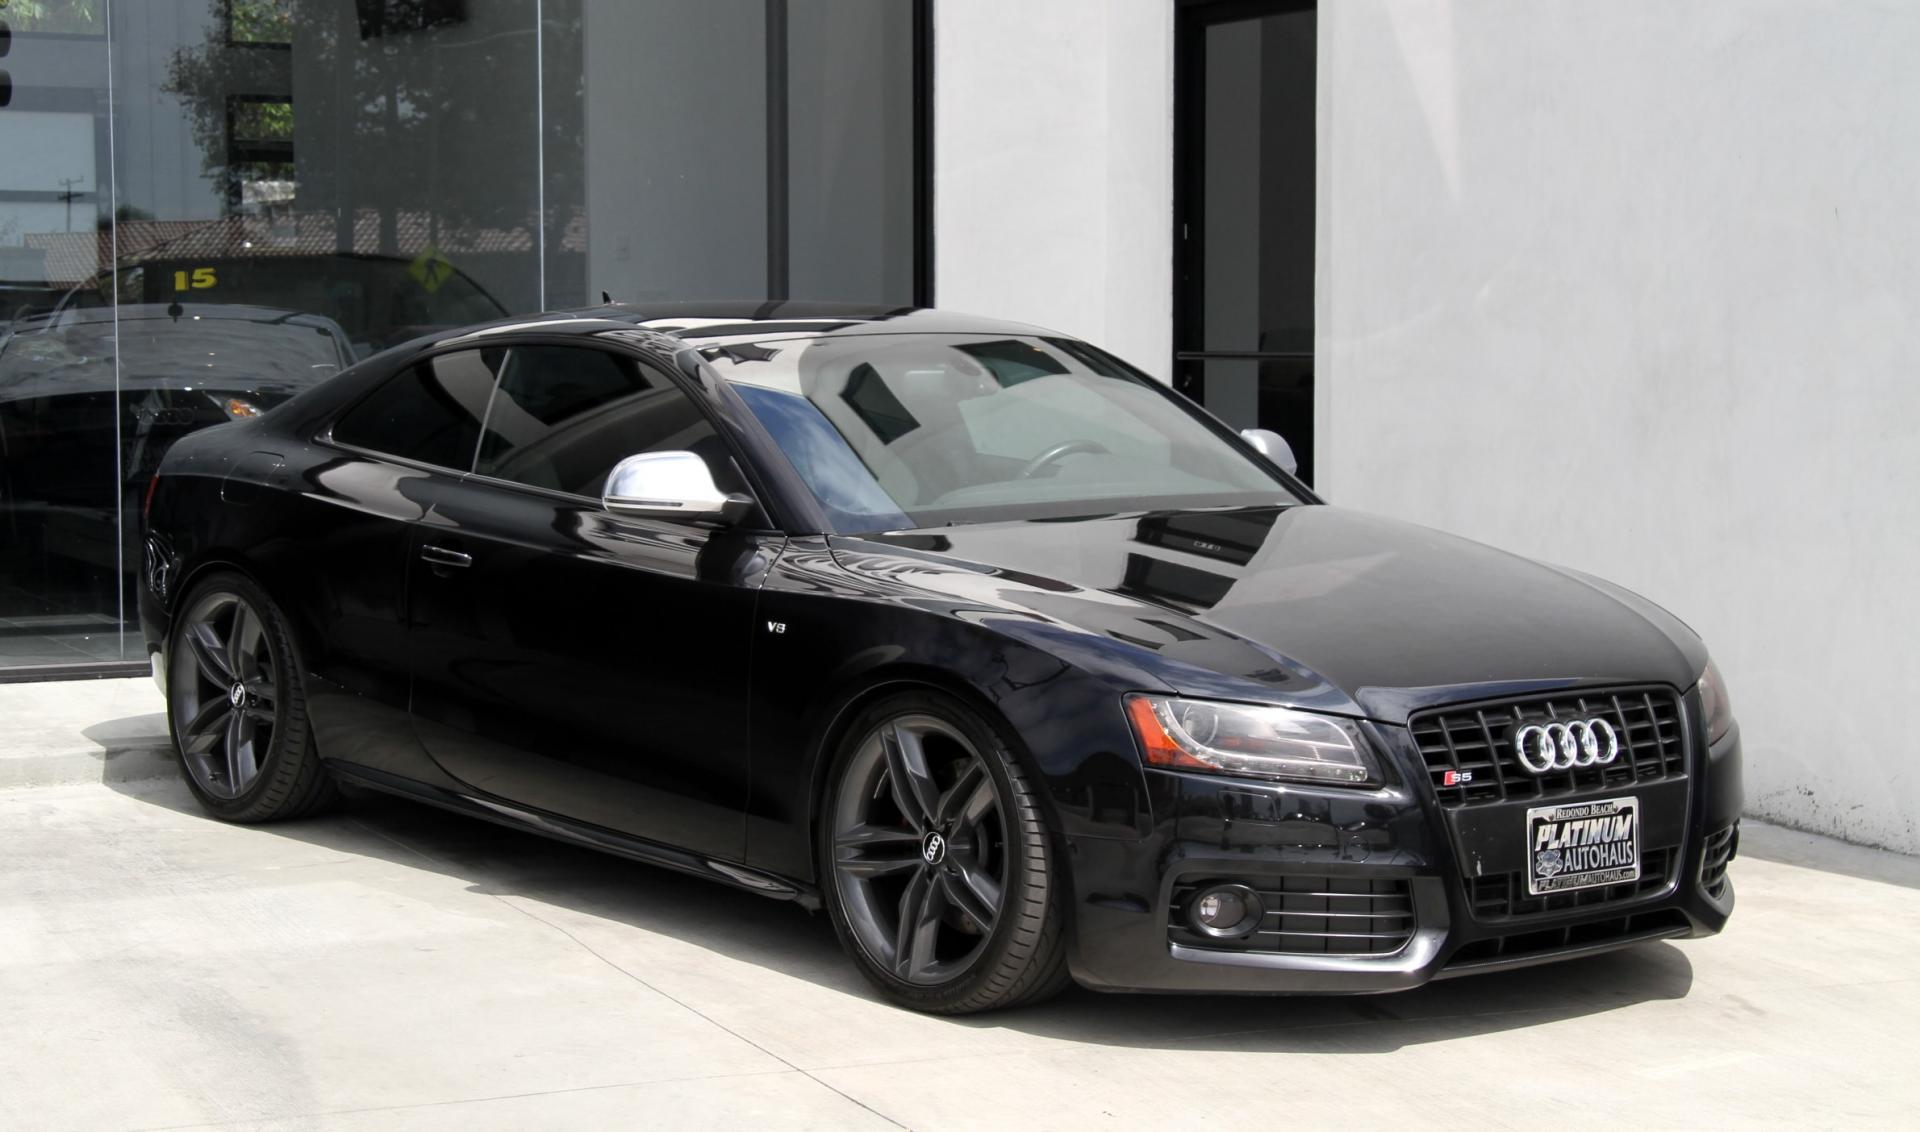 2009 Audi S5 4 2L Stock # 5910C for sale near Redondo Beach